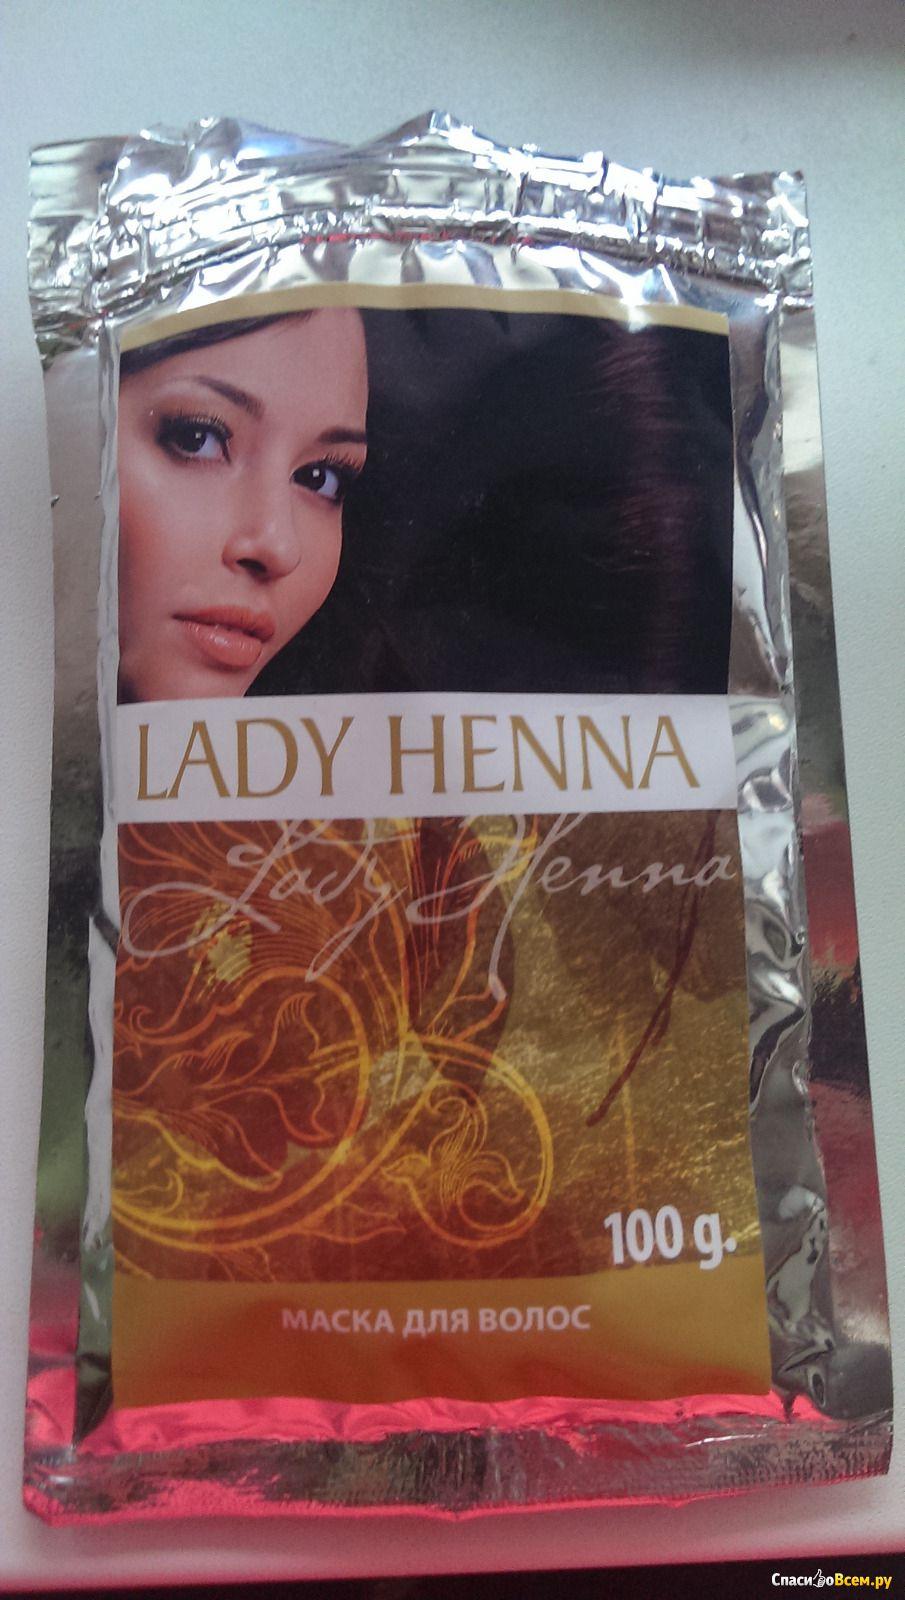 От леди хенна выпадают волосы